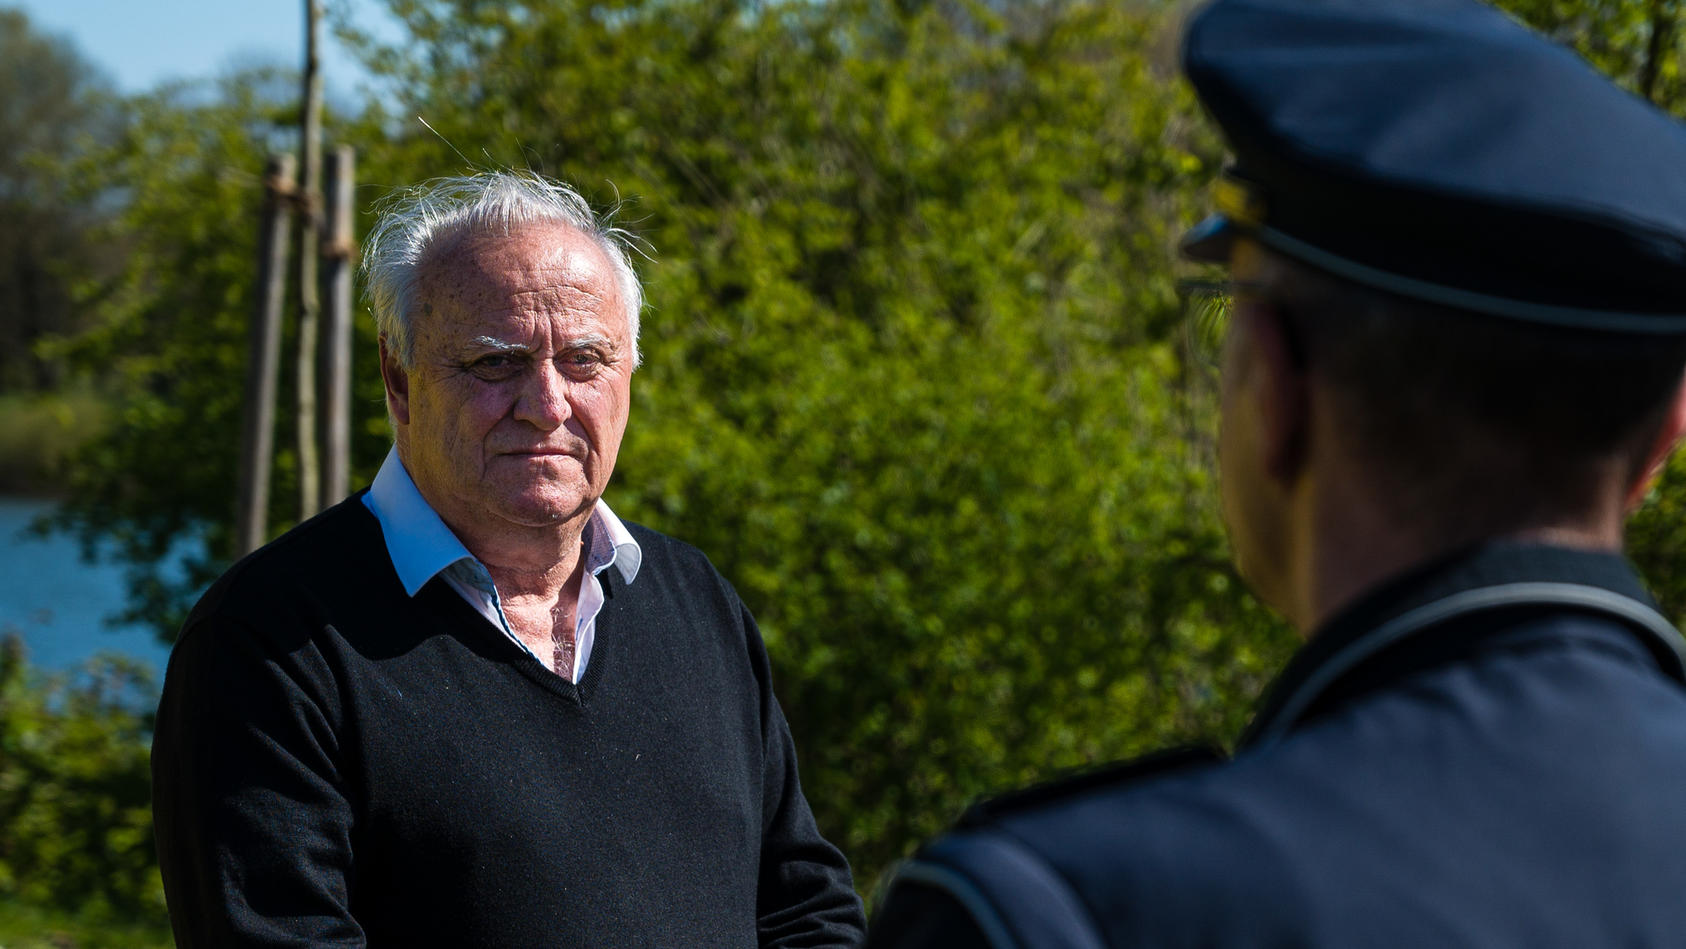 Klaus Bouillon (CDU), saarländischer Innenminister, informiert sich bei einem Polizisten über die Lage an den Grünflächen der Stadt Saarbrücken.